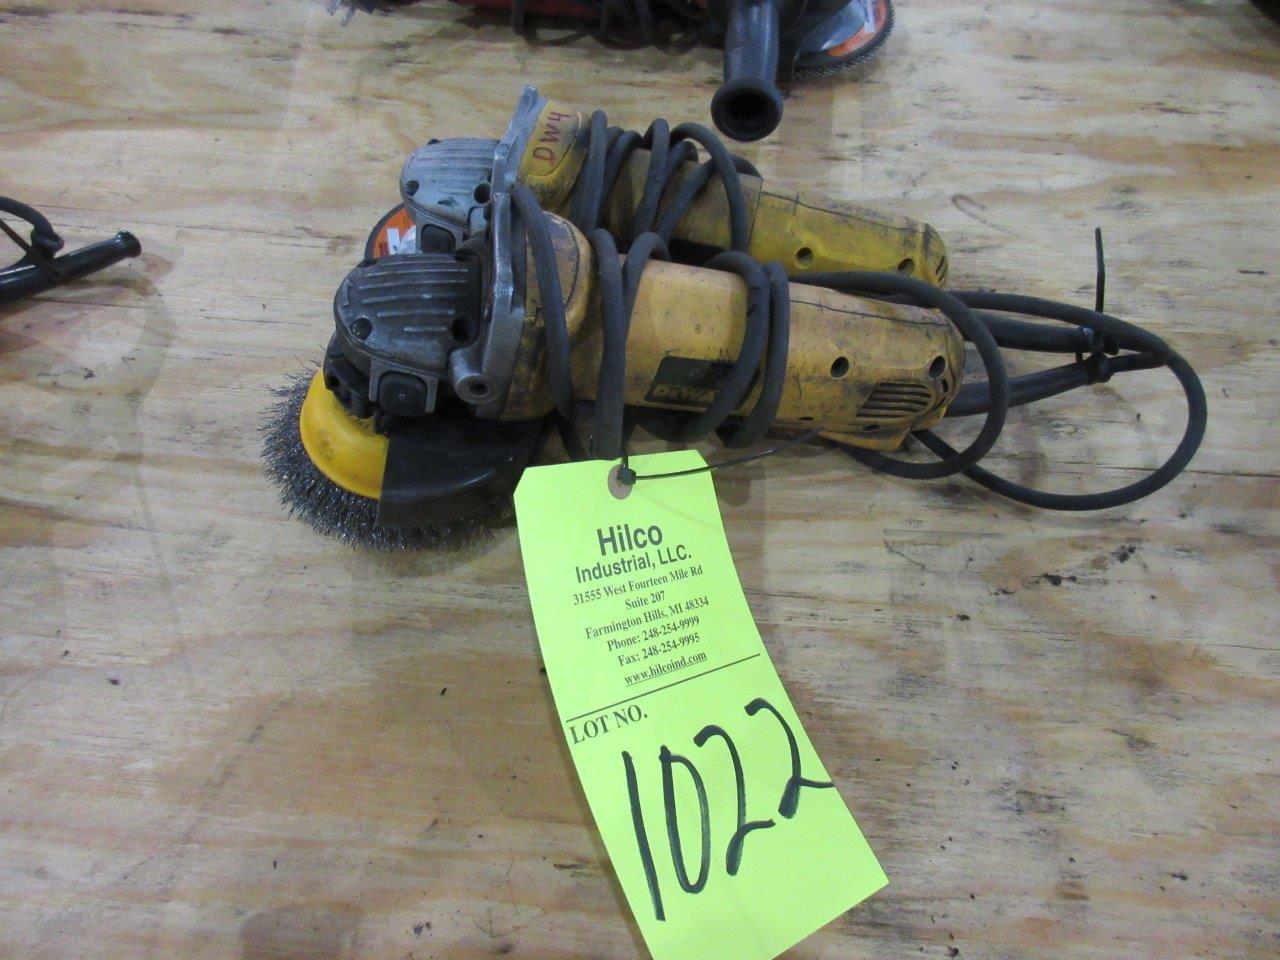 """Lot 1022 - DeWalt Model D28402 4 1/2"""" Angle Grinders"""